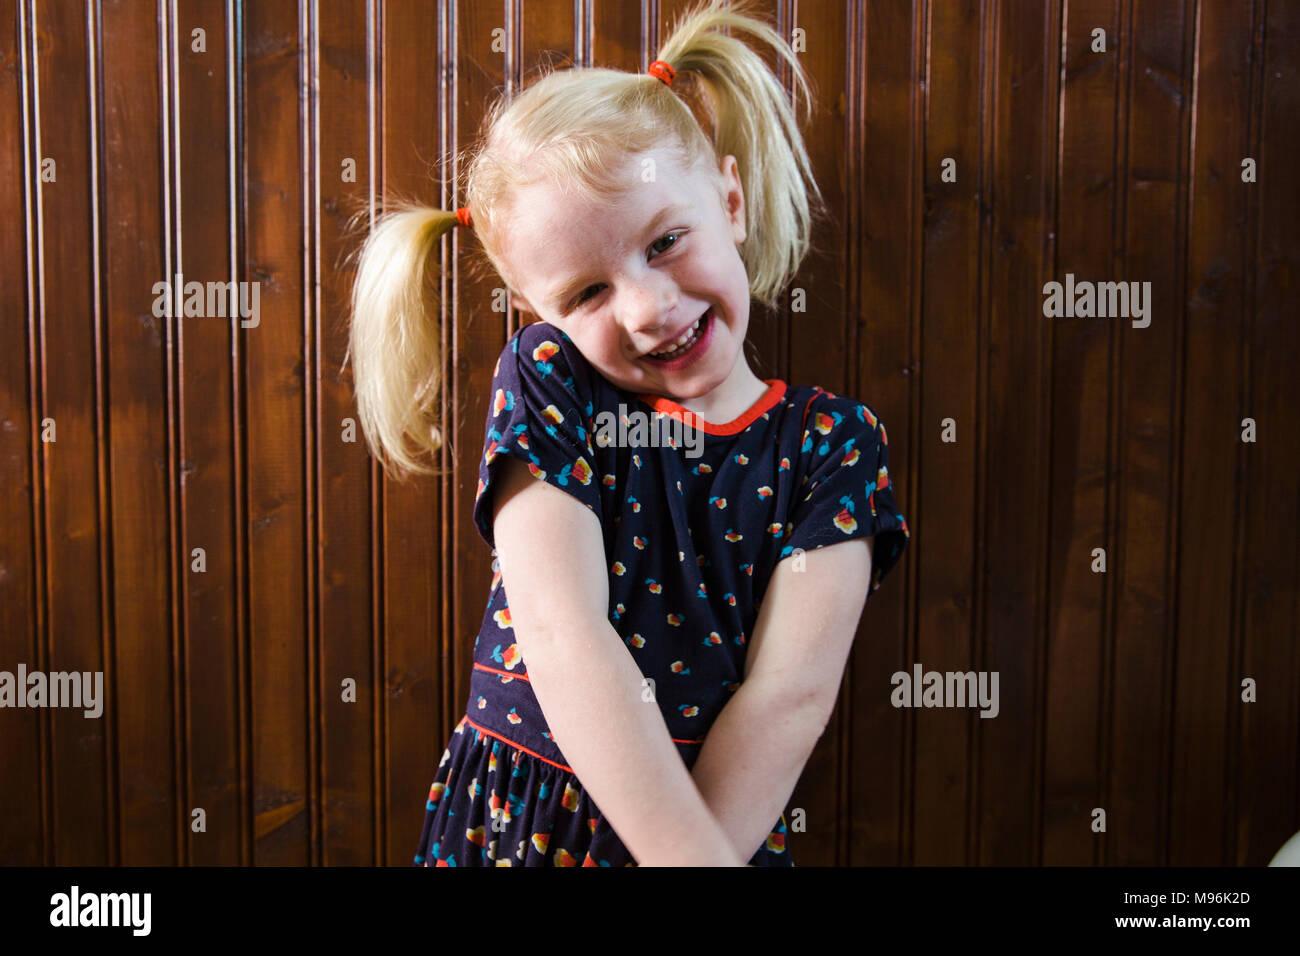 Mädchen mit Zöpfen Grimassen Stockbild